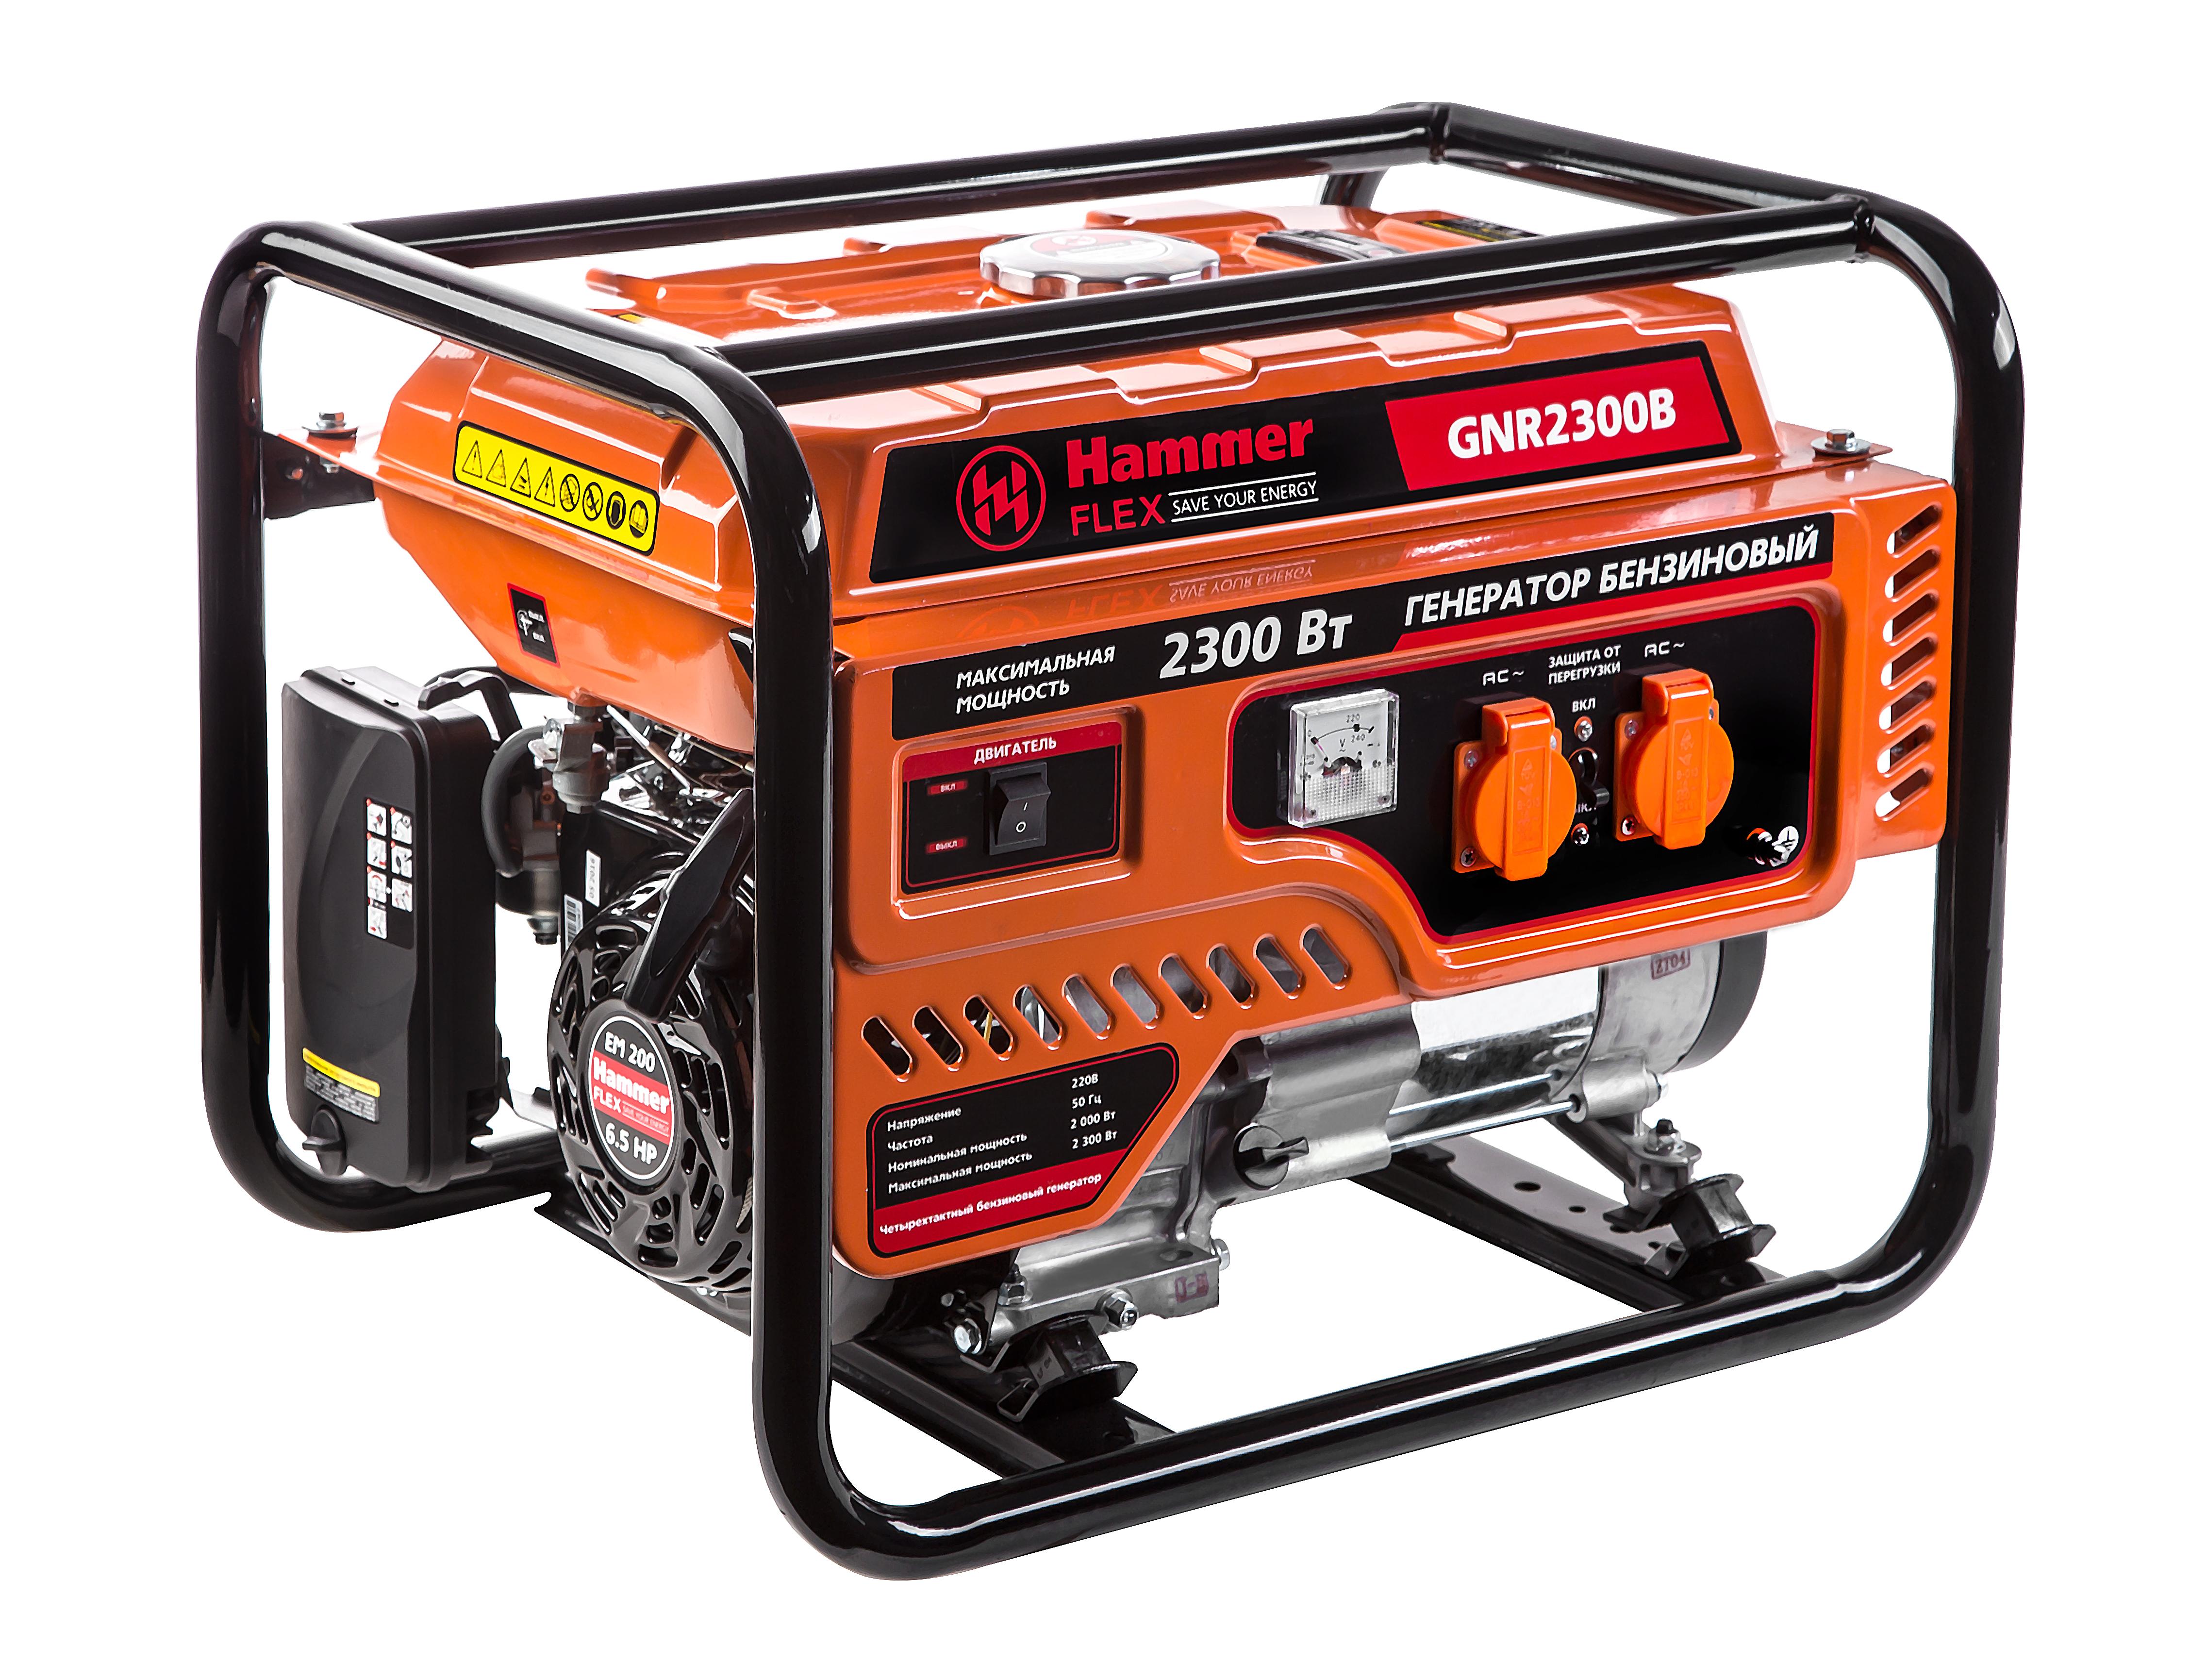 Бензиновый генератор Hammer Gnr2300b